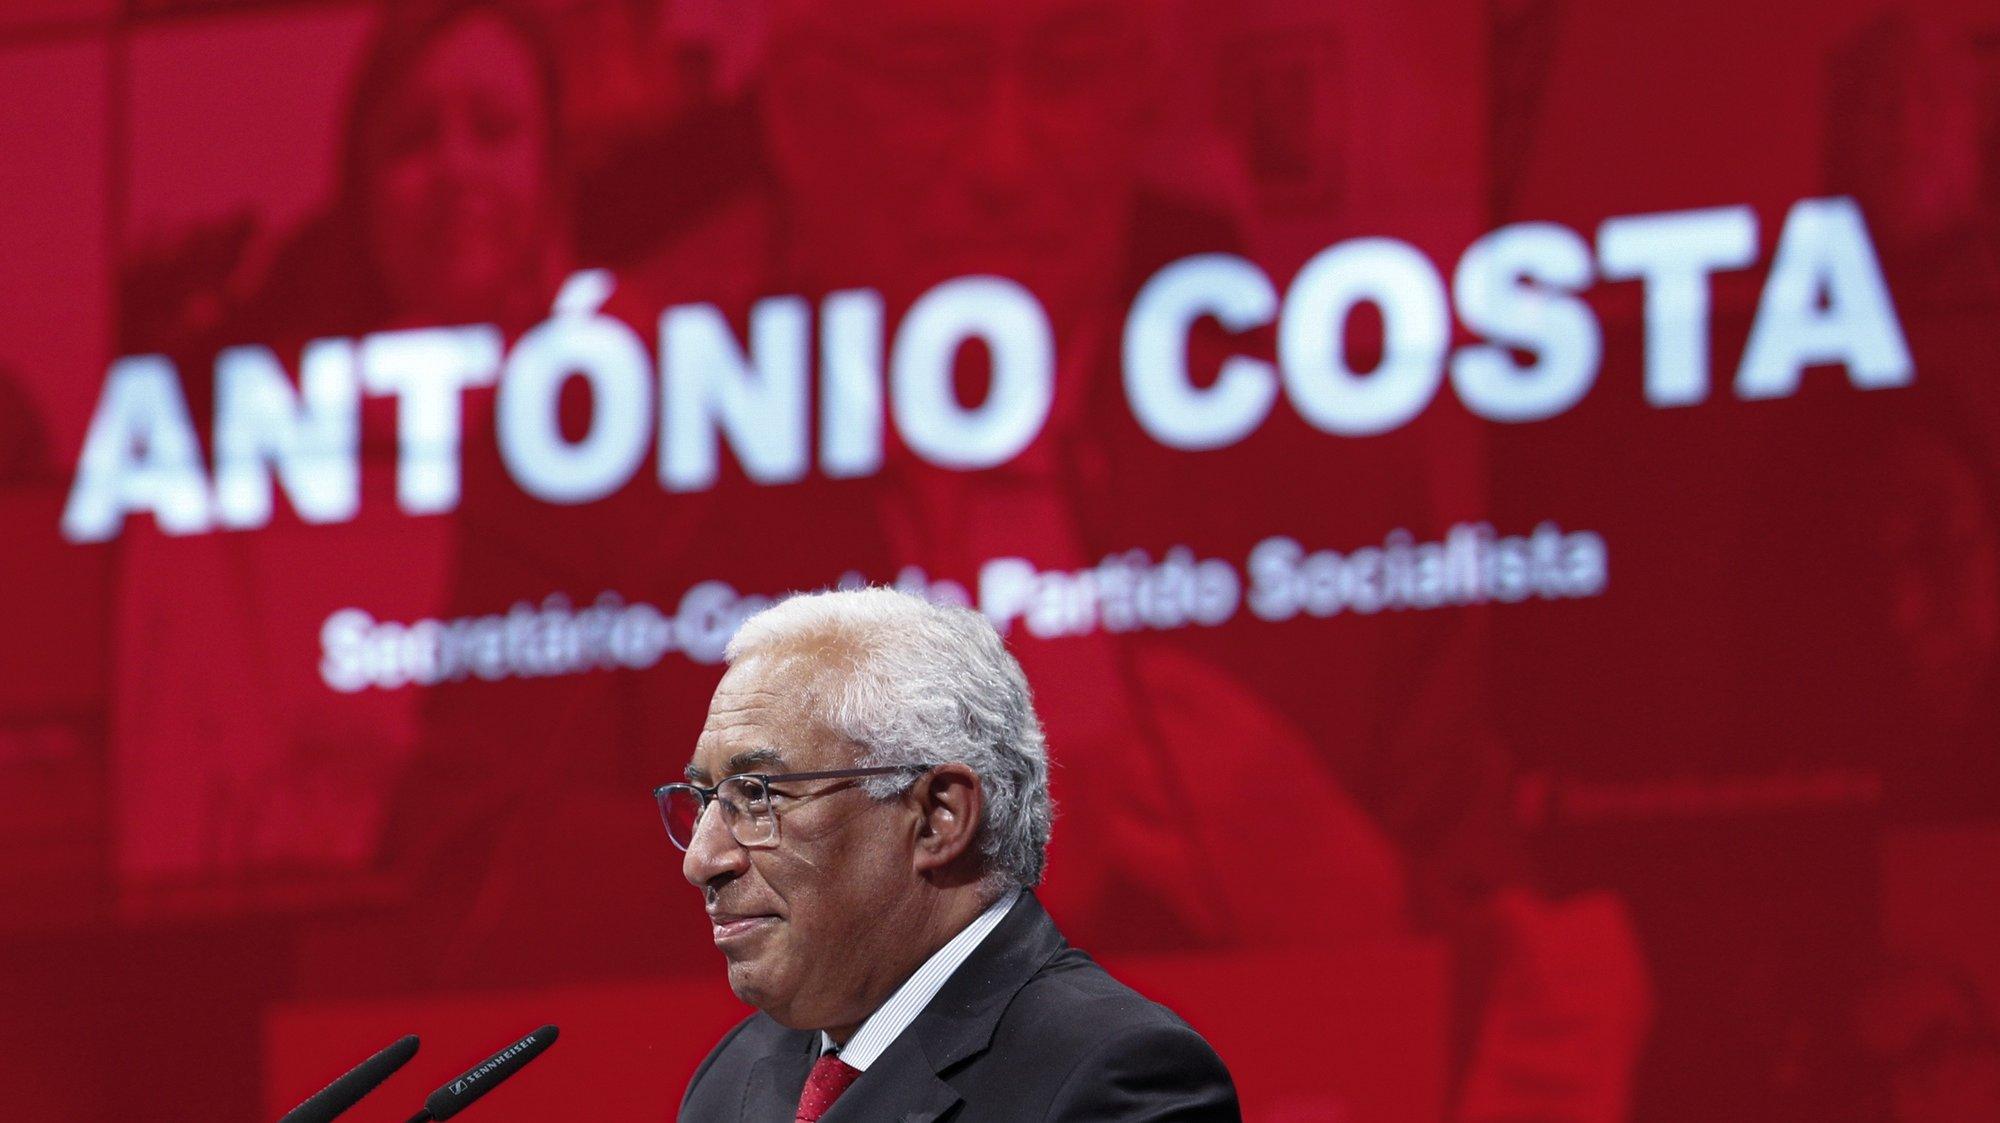 O secretário-geral do Partido Socialista (PS), António Costa, intervém durante a cerimónia comemorativa do 48º aniversário do partido, Lisboa, 19 de abril de 2021. ANTÓNIO COTRIM/LUSA